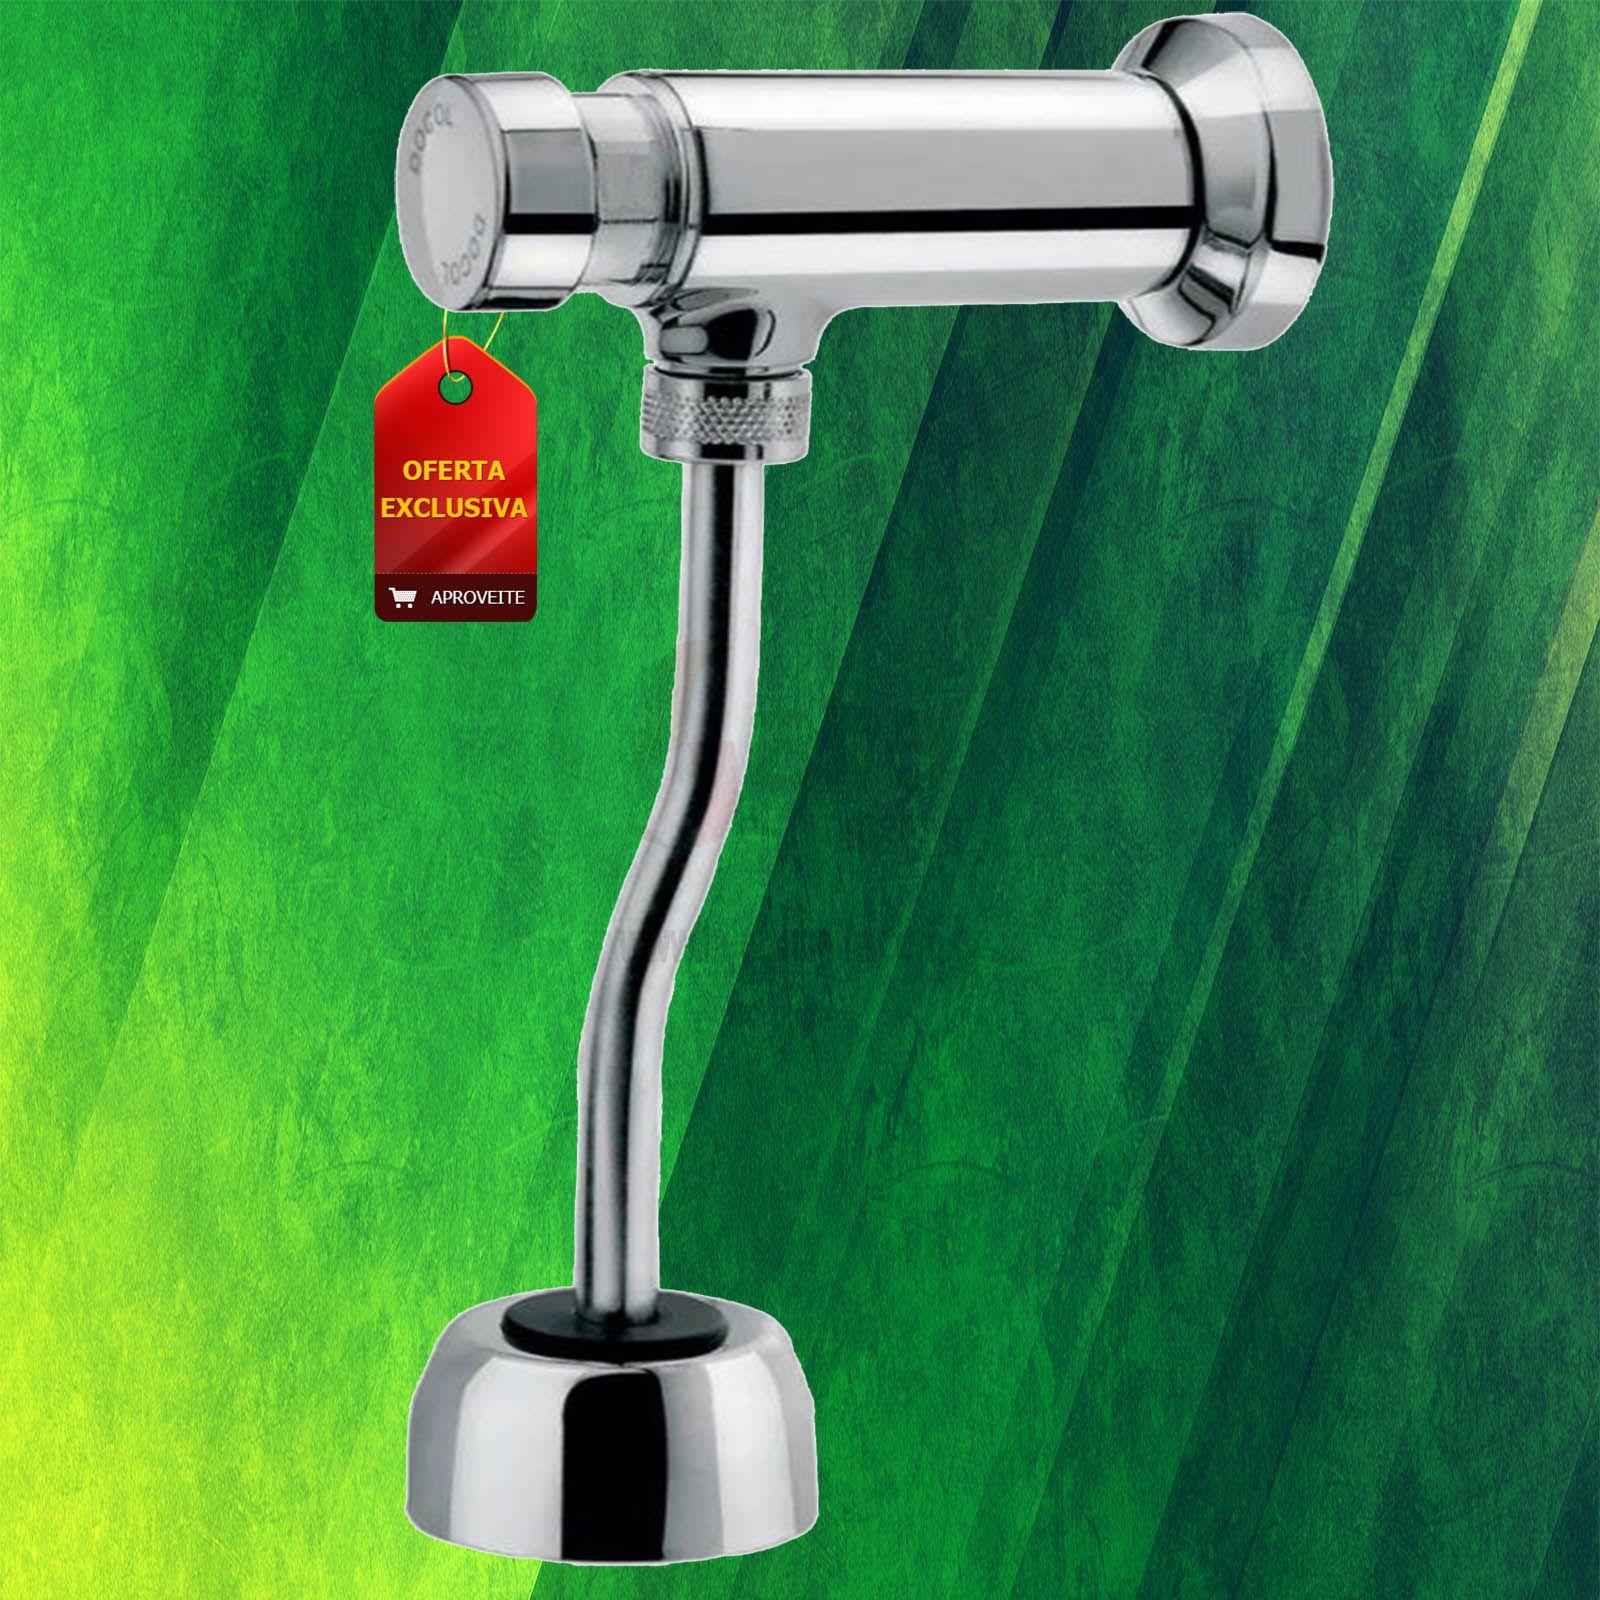 Válvula Descarga / Mictório Pressmatic Docol